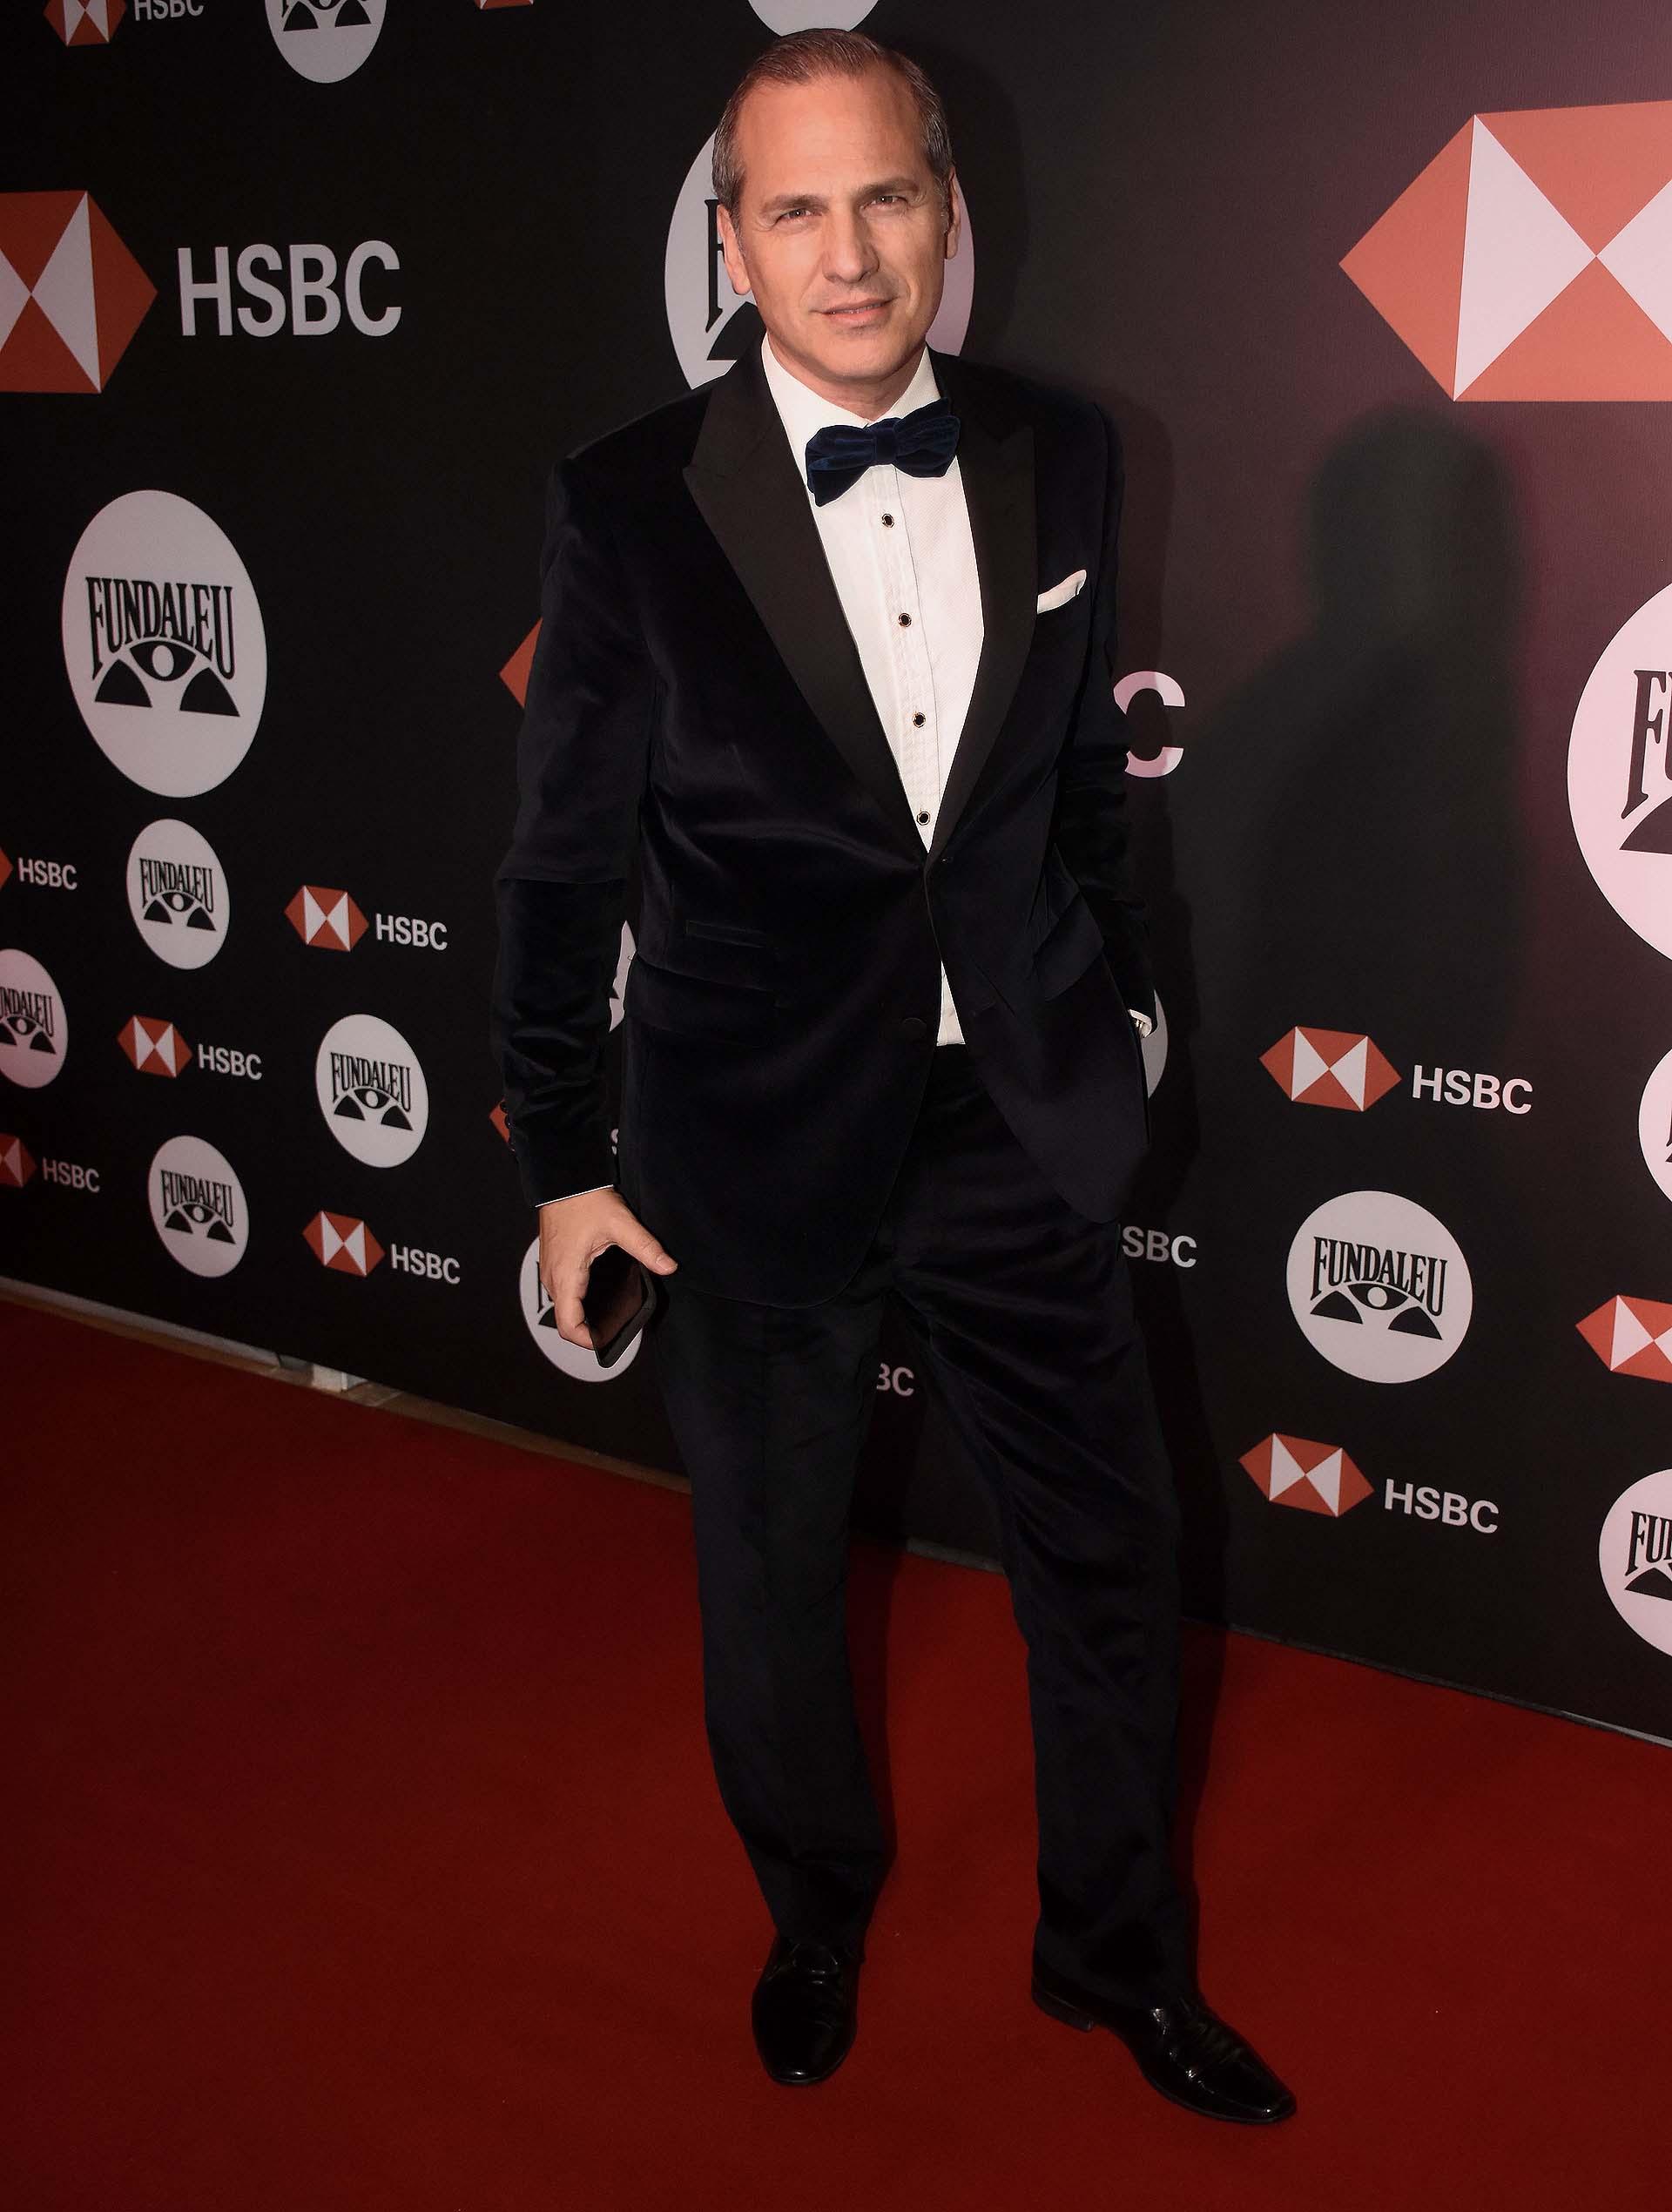 Javier Iturrioz estuvo a cargo de la ambientación de la gala